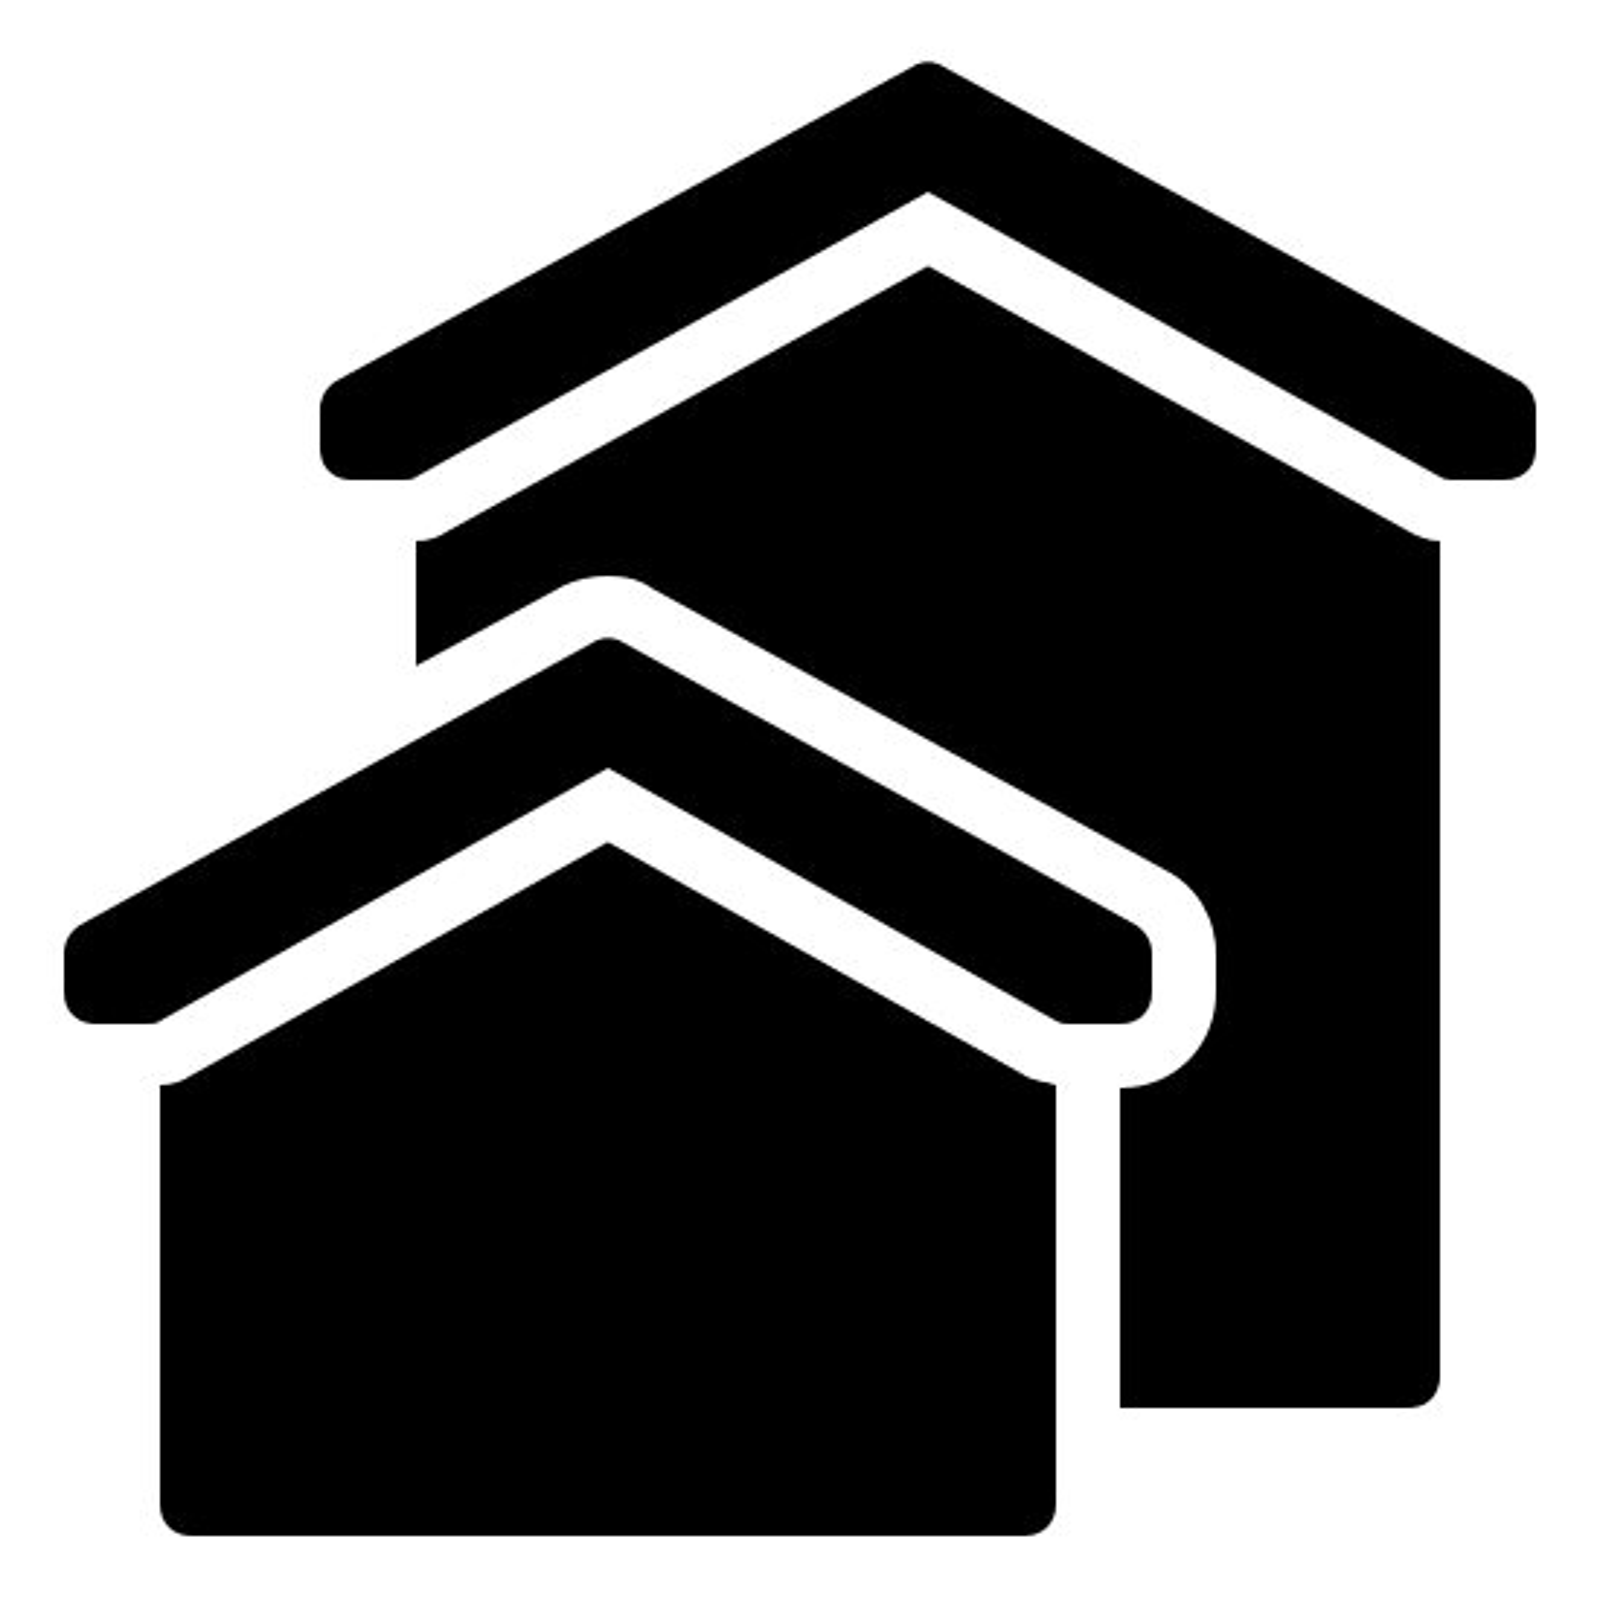 房地产 icon. This icon represents real estate and has two houses on it. One is smaller and to the left but covering the one behind it. The one in back is about twice the size.